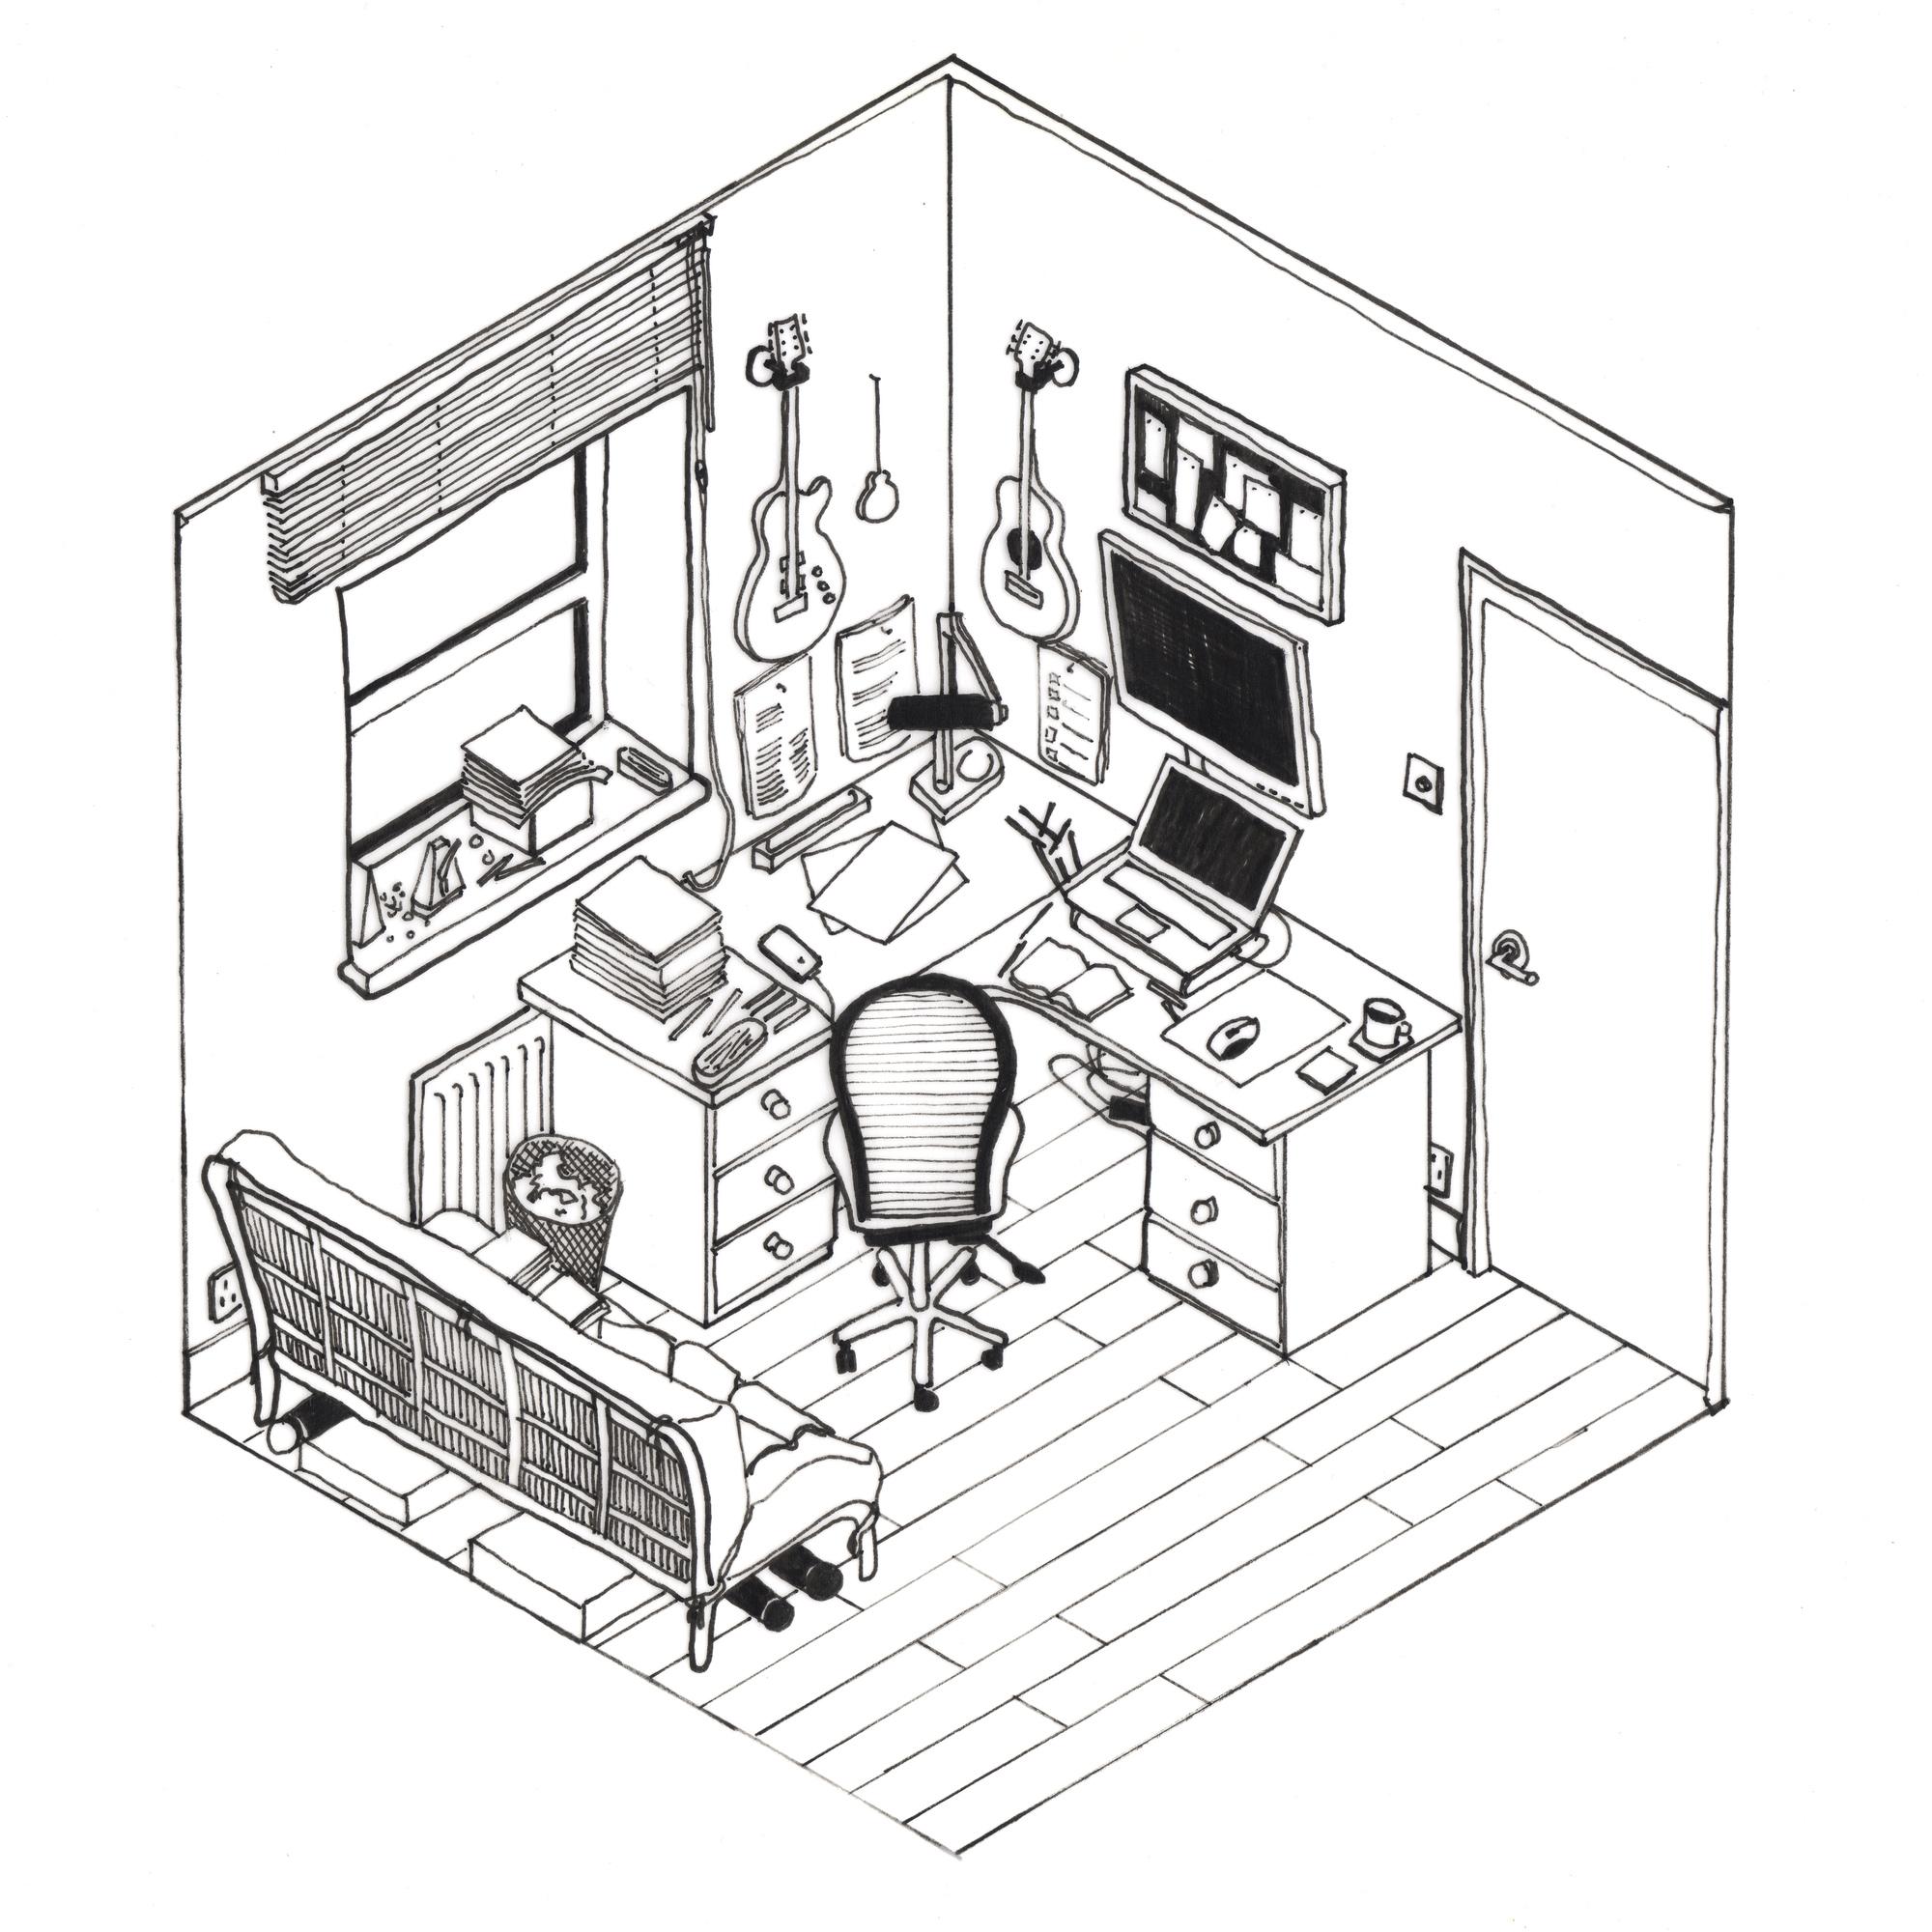 Galería de 42 croquis, dibujos y diagramas de espacios de